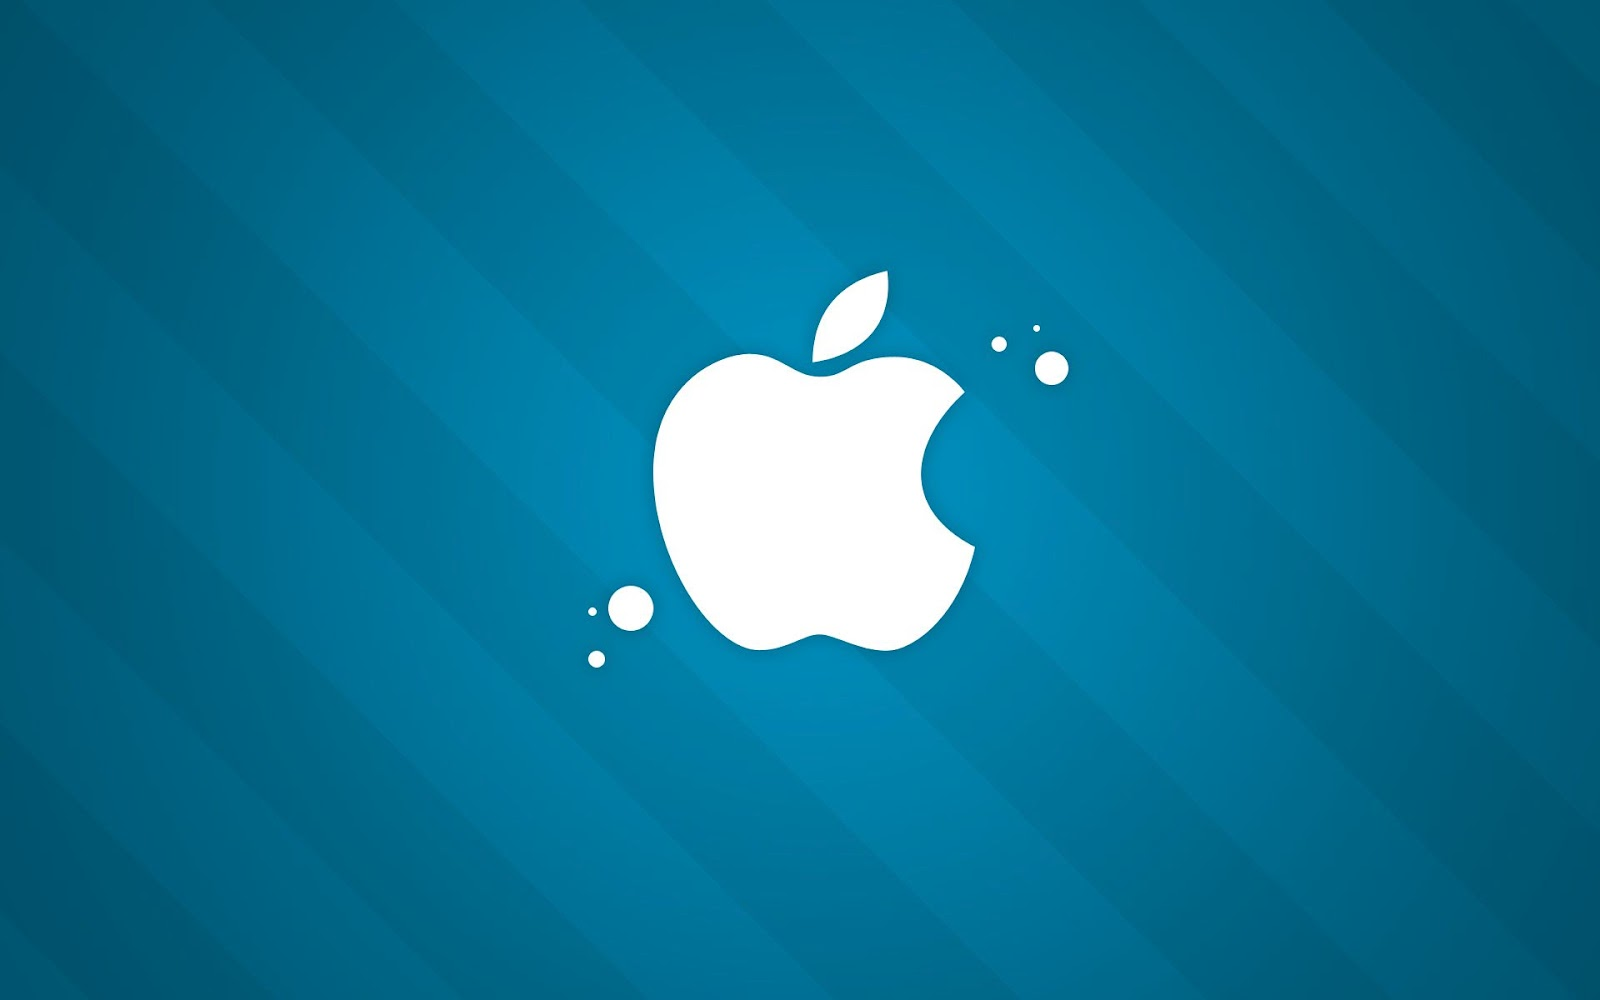 http://4.bp.blogspot.com/-Vss43CtWyUU/T2bFJJDVzxI/AAAAAAAACxw/NdzGs5LkURU/s1600/apple+mobile+wallpaper+2.jpg